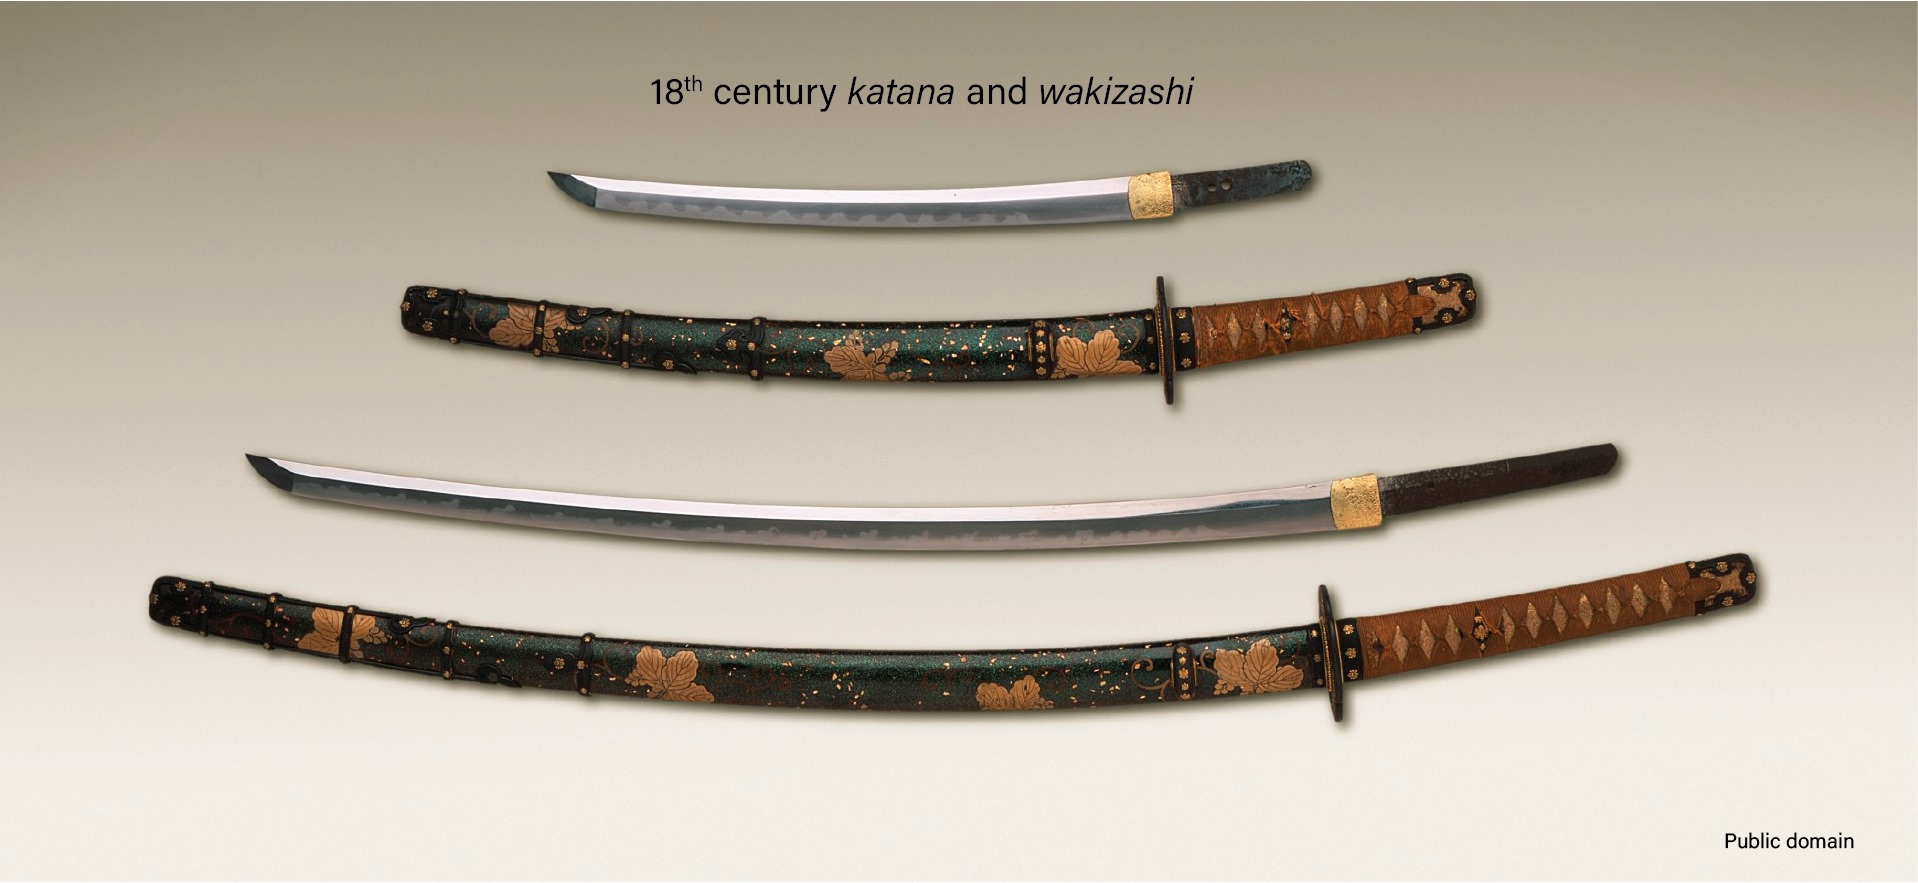 18th century katana and wakizashi Japanese sword